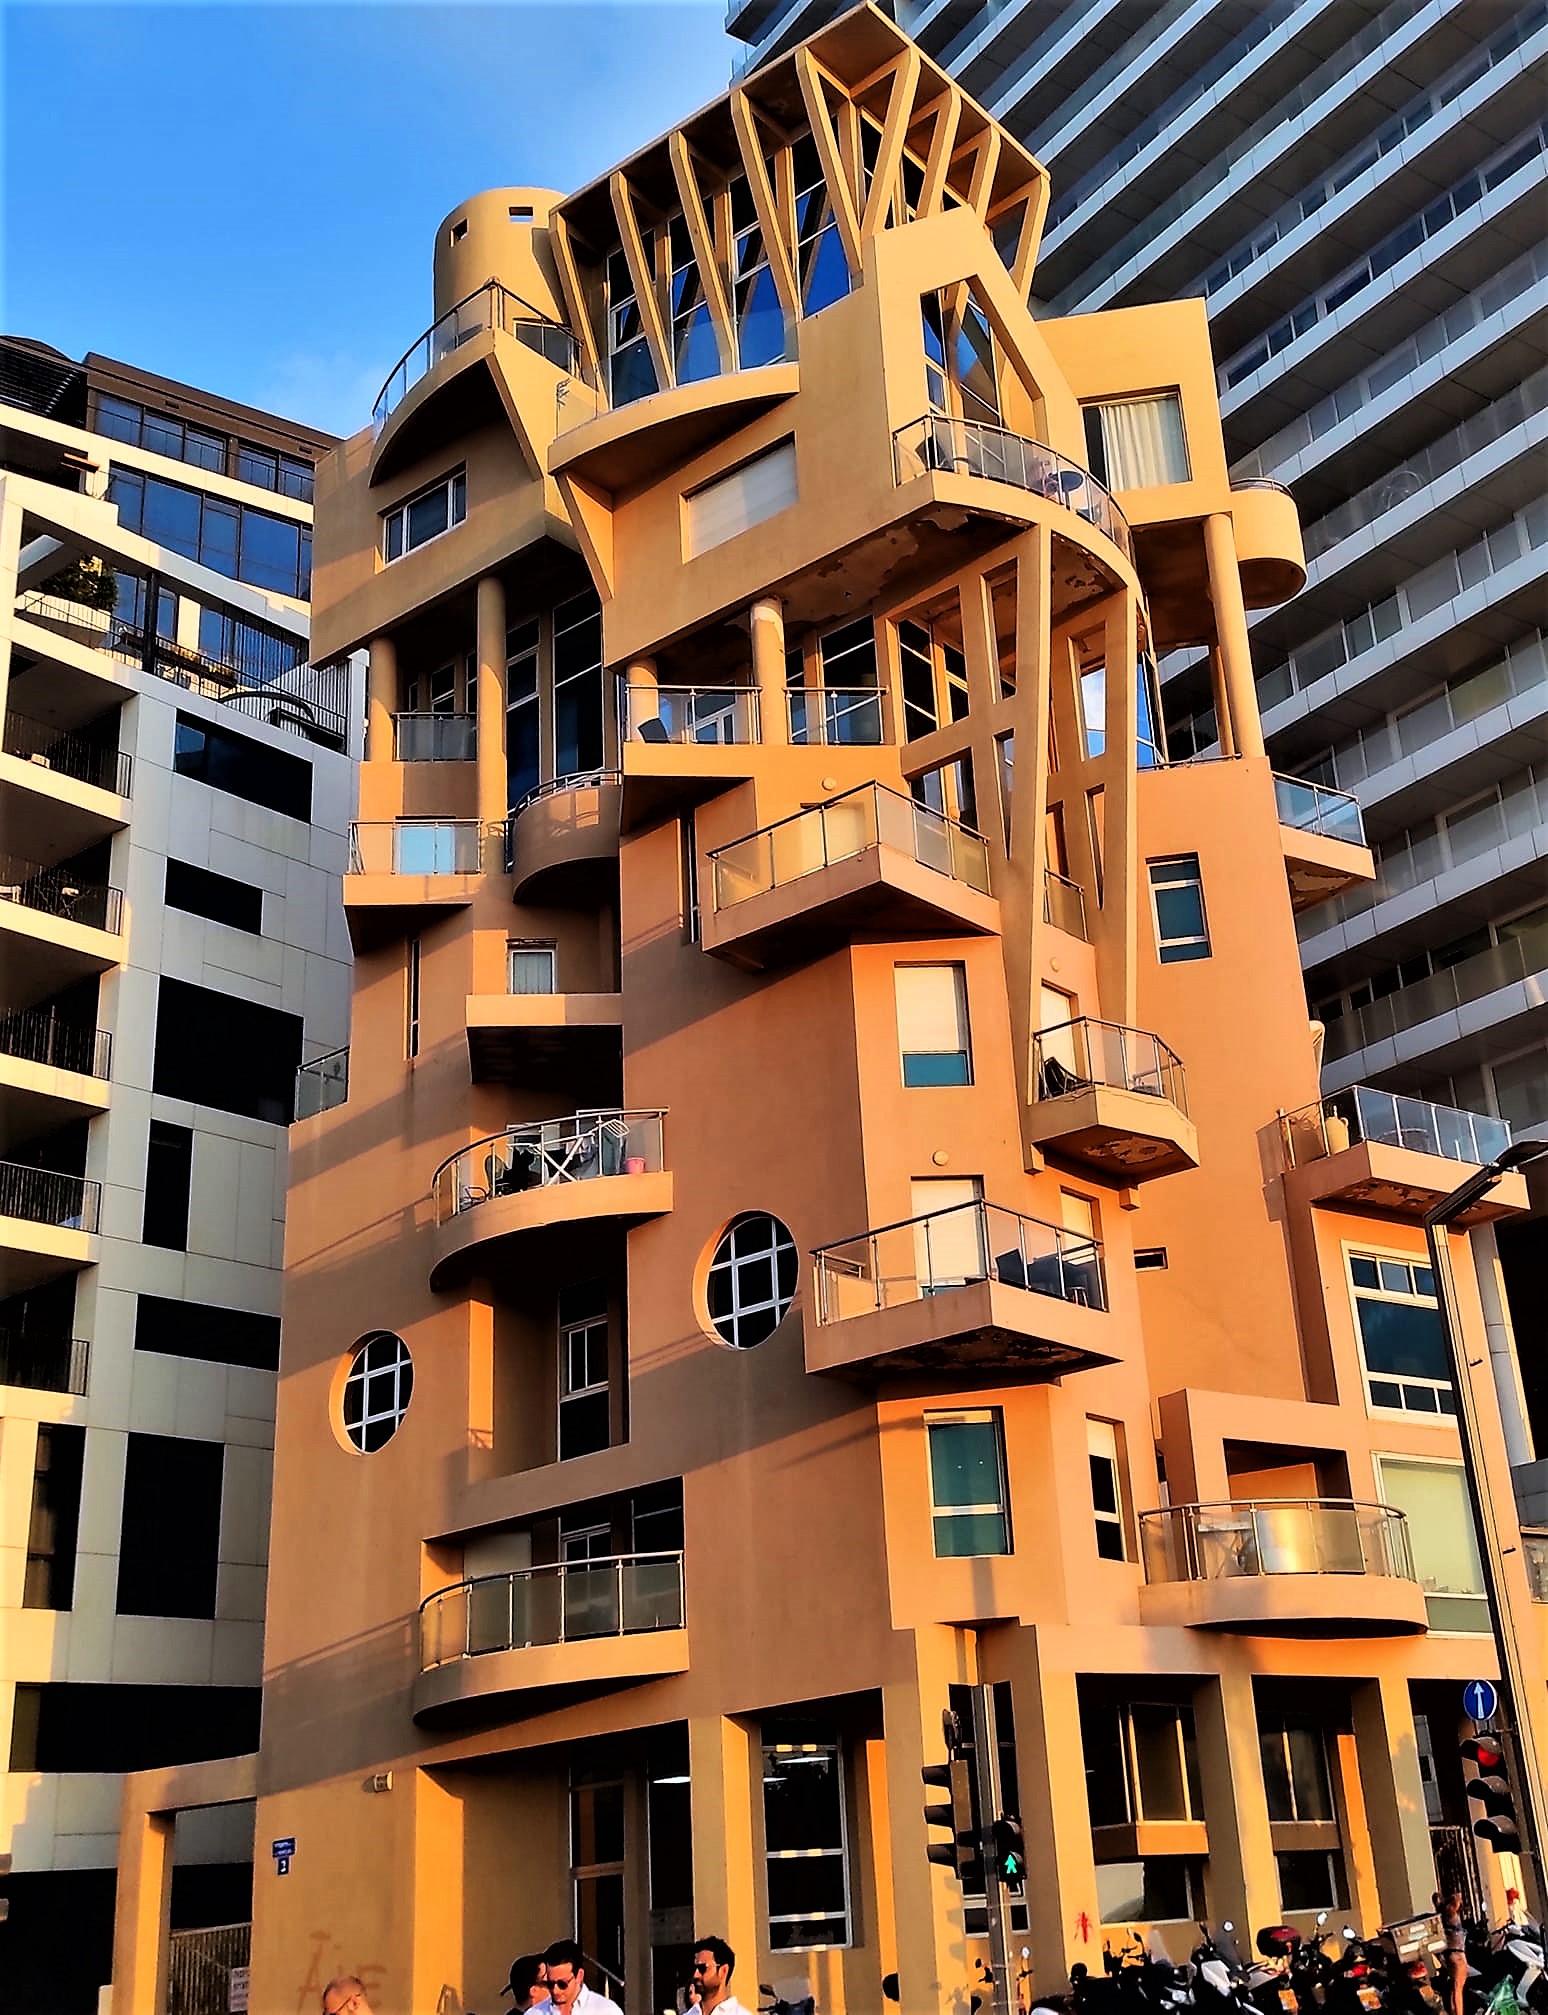 Здание на набережной Тель-Авива. Архитектор Цви Харель.